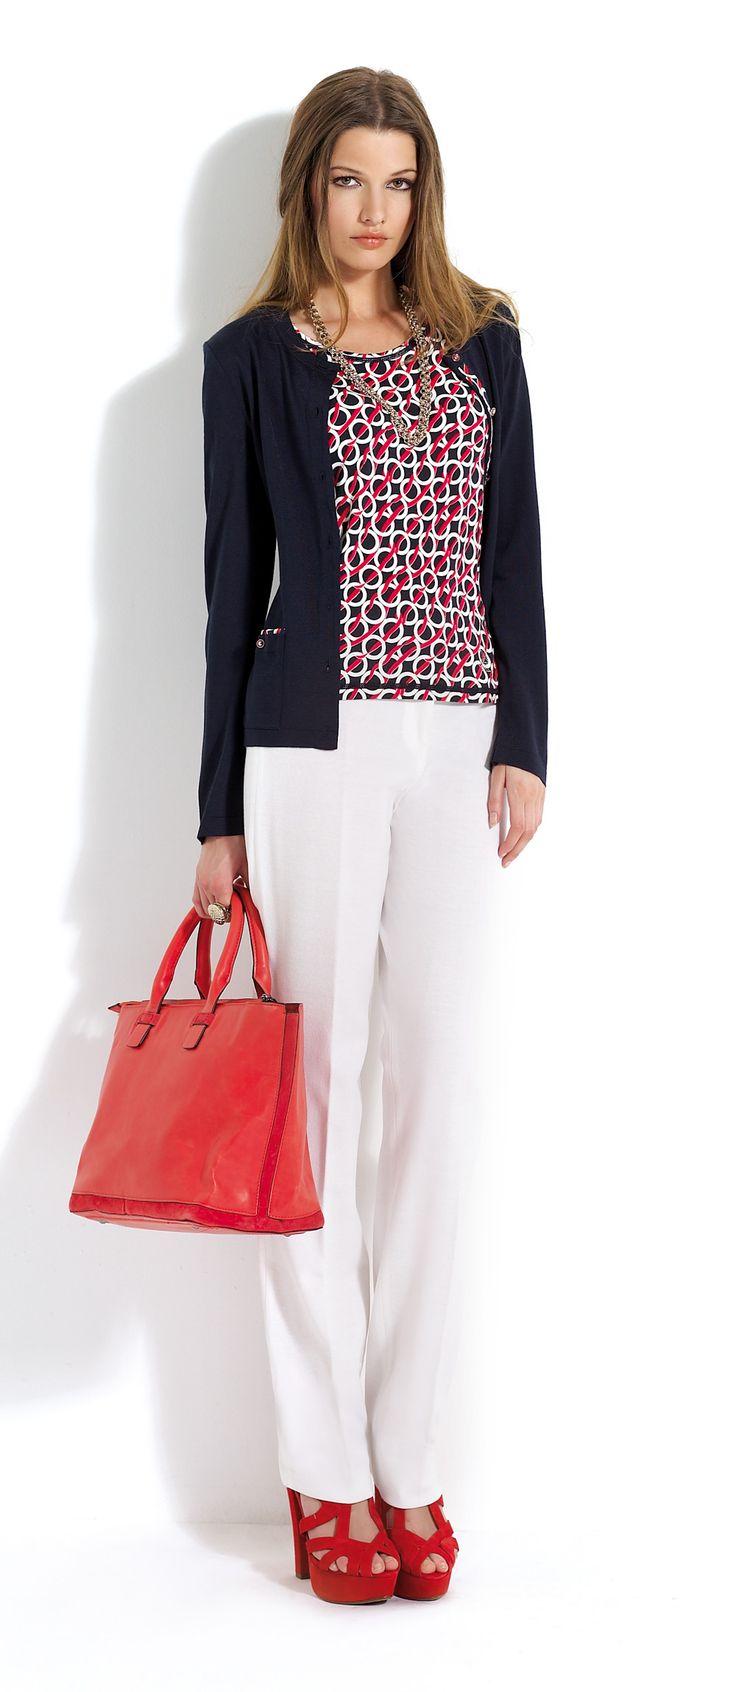 Pantalón blanco con blusa estampada en tonos rojos y negros. Rebeca corta negra.  #trousers #white #black #cardigan